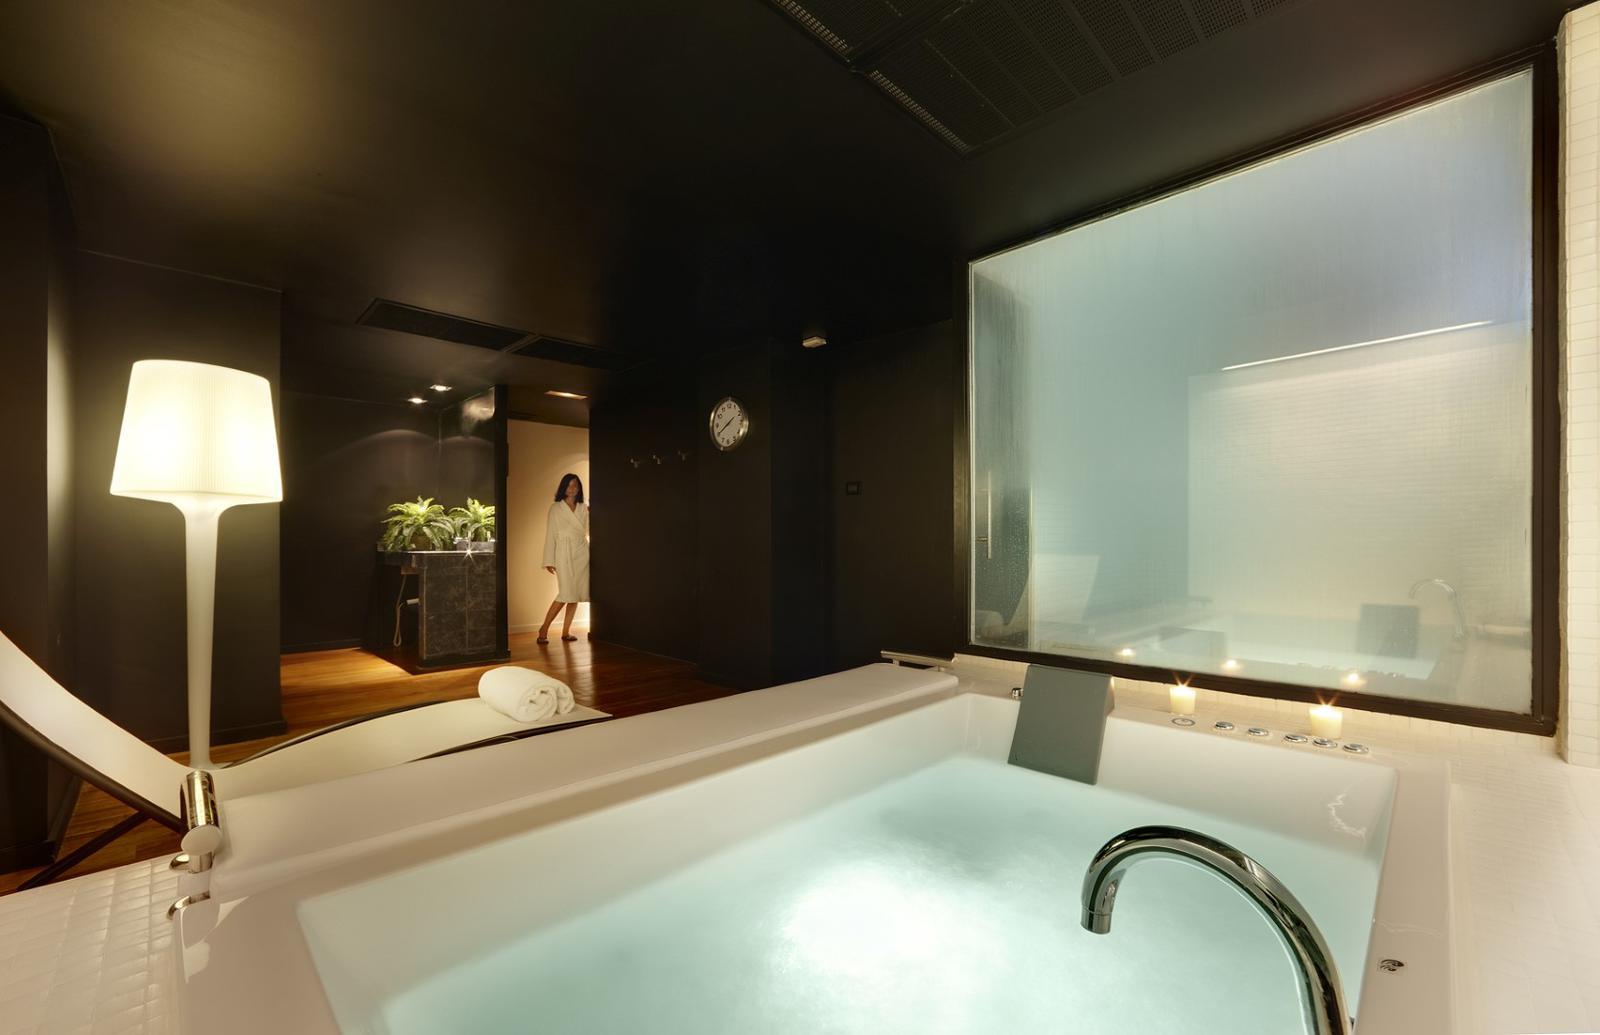 hoteles con spa de España banera_miro (Large)